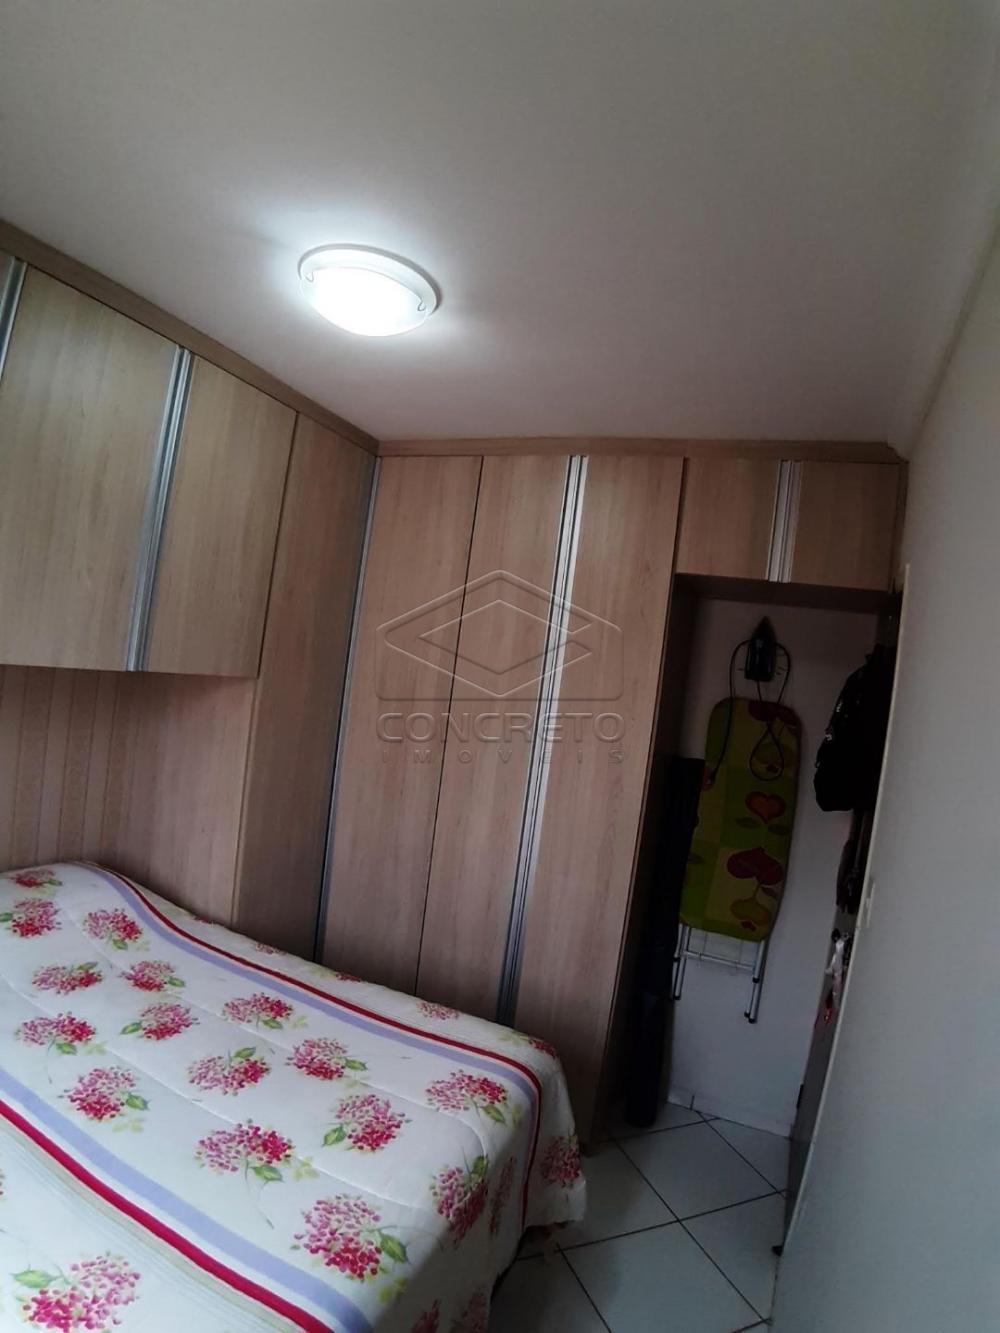 Comprar Apartamento / Padrão em Bauru apenas R$ 135.000,00 - Foto 6